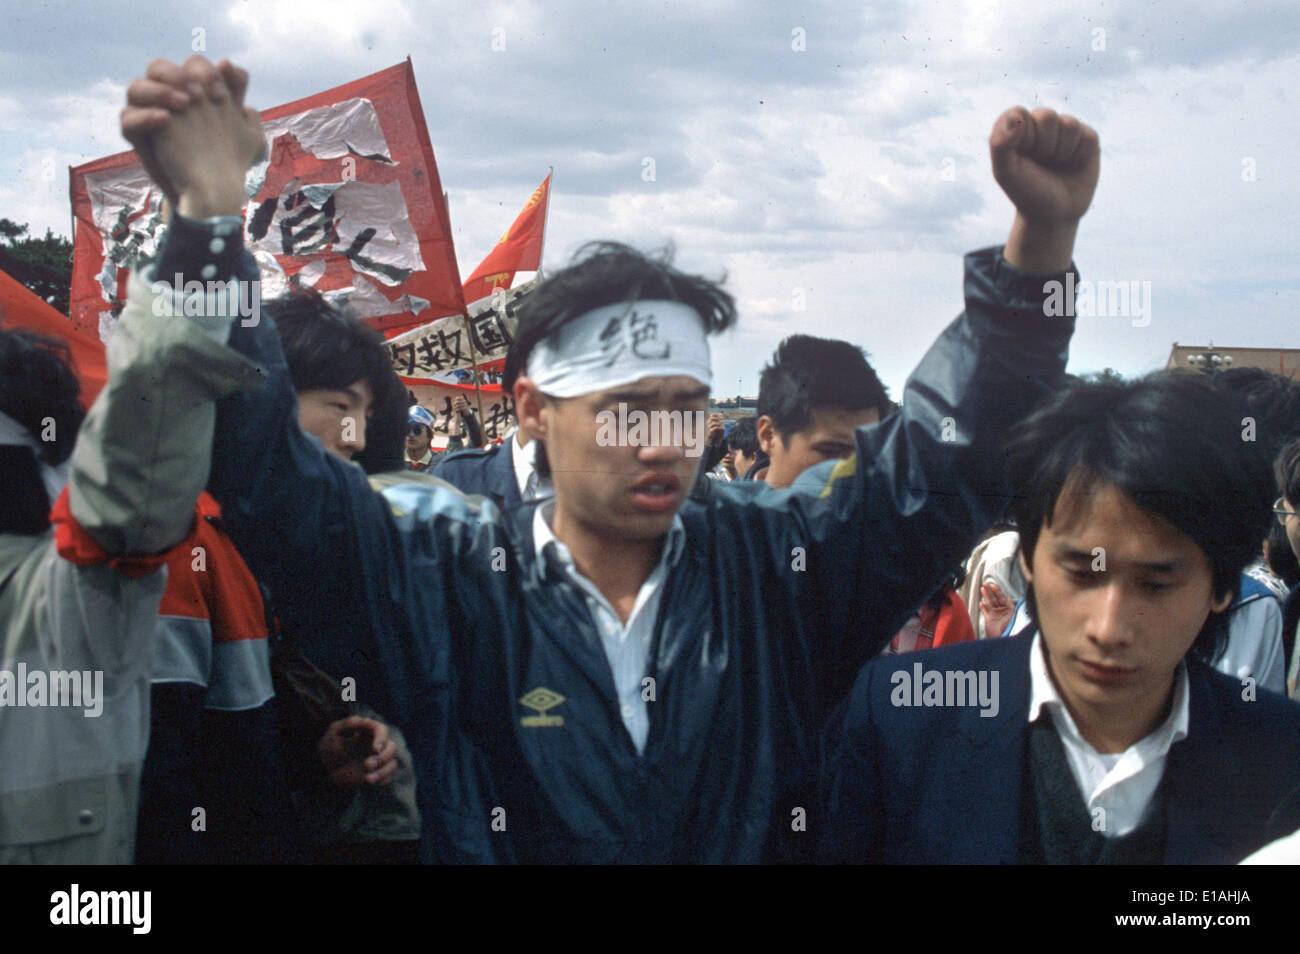 (Archivo) - Un archivo de imagen, de fecha 13 de mayo de 1989, muestra el líder de las protestas estudiantiles Imagen De Stock